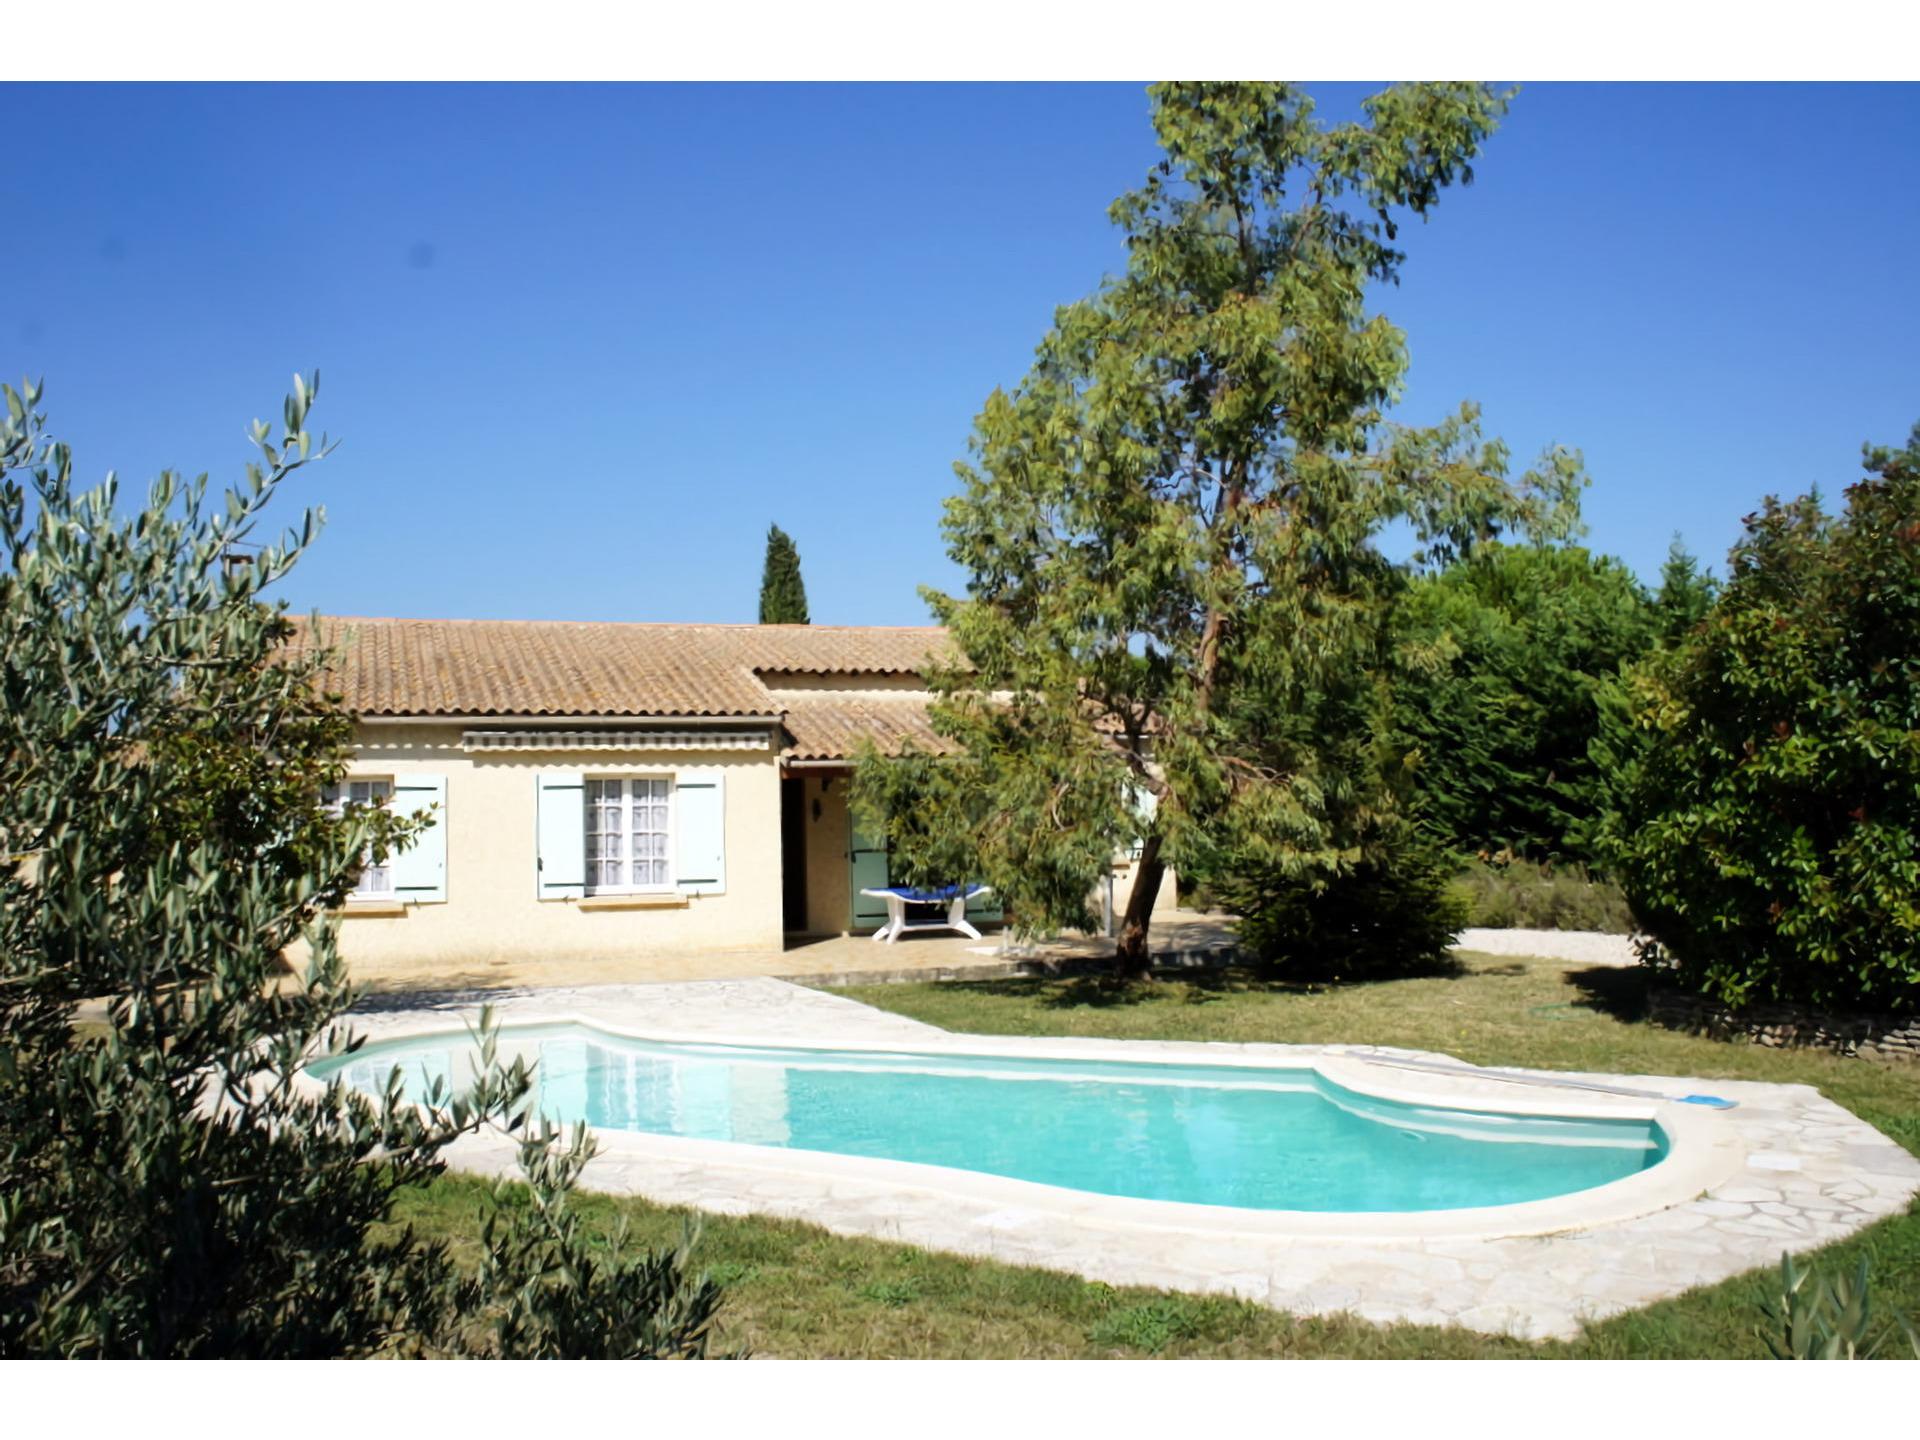 Location maison ind pendante 8 personnes plan d 39 orgon for Villa a louer en provence avec piscine